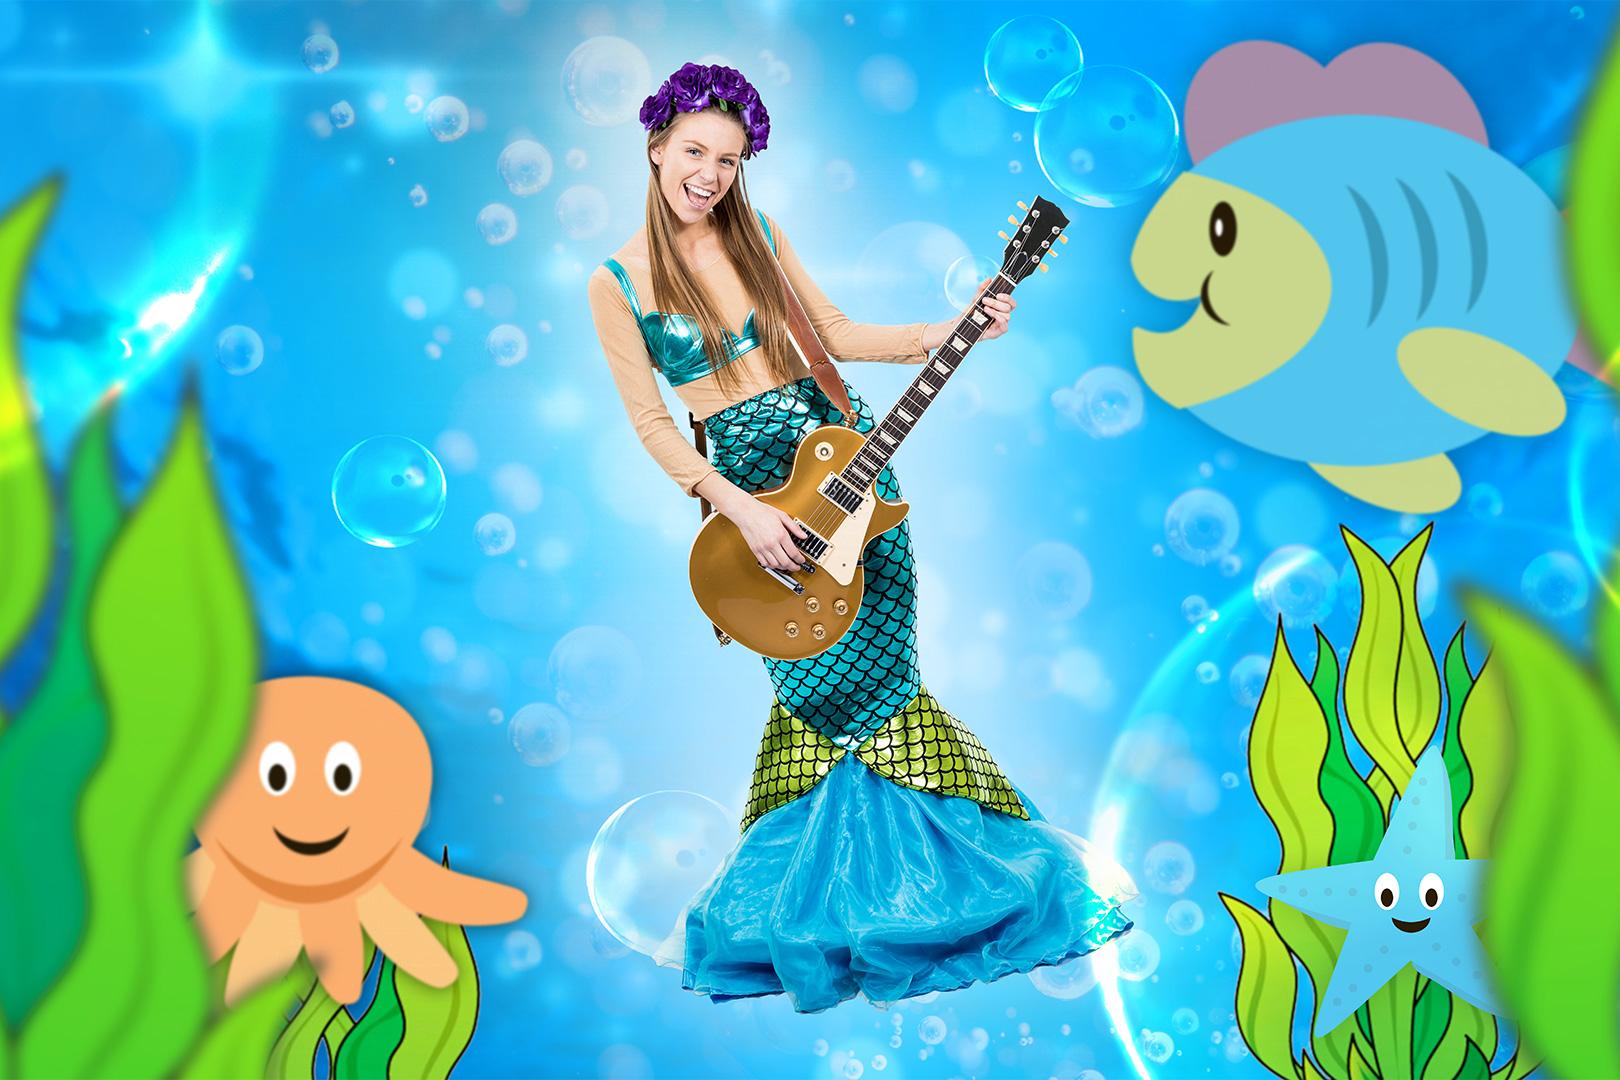 Mermaids-9844-Edit-3x2.jpg